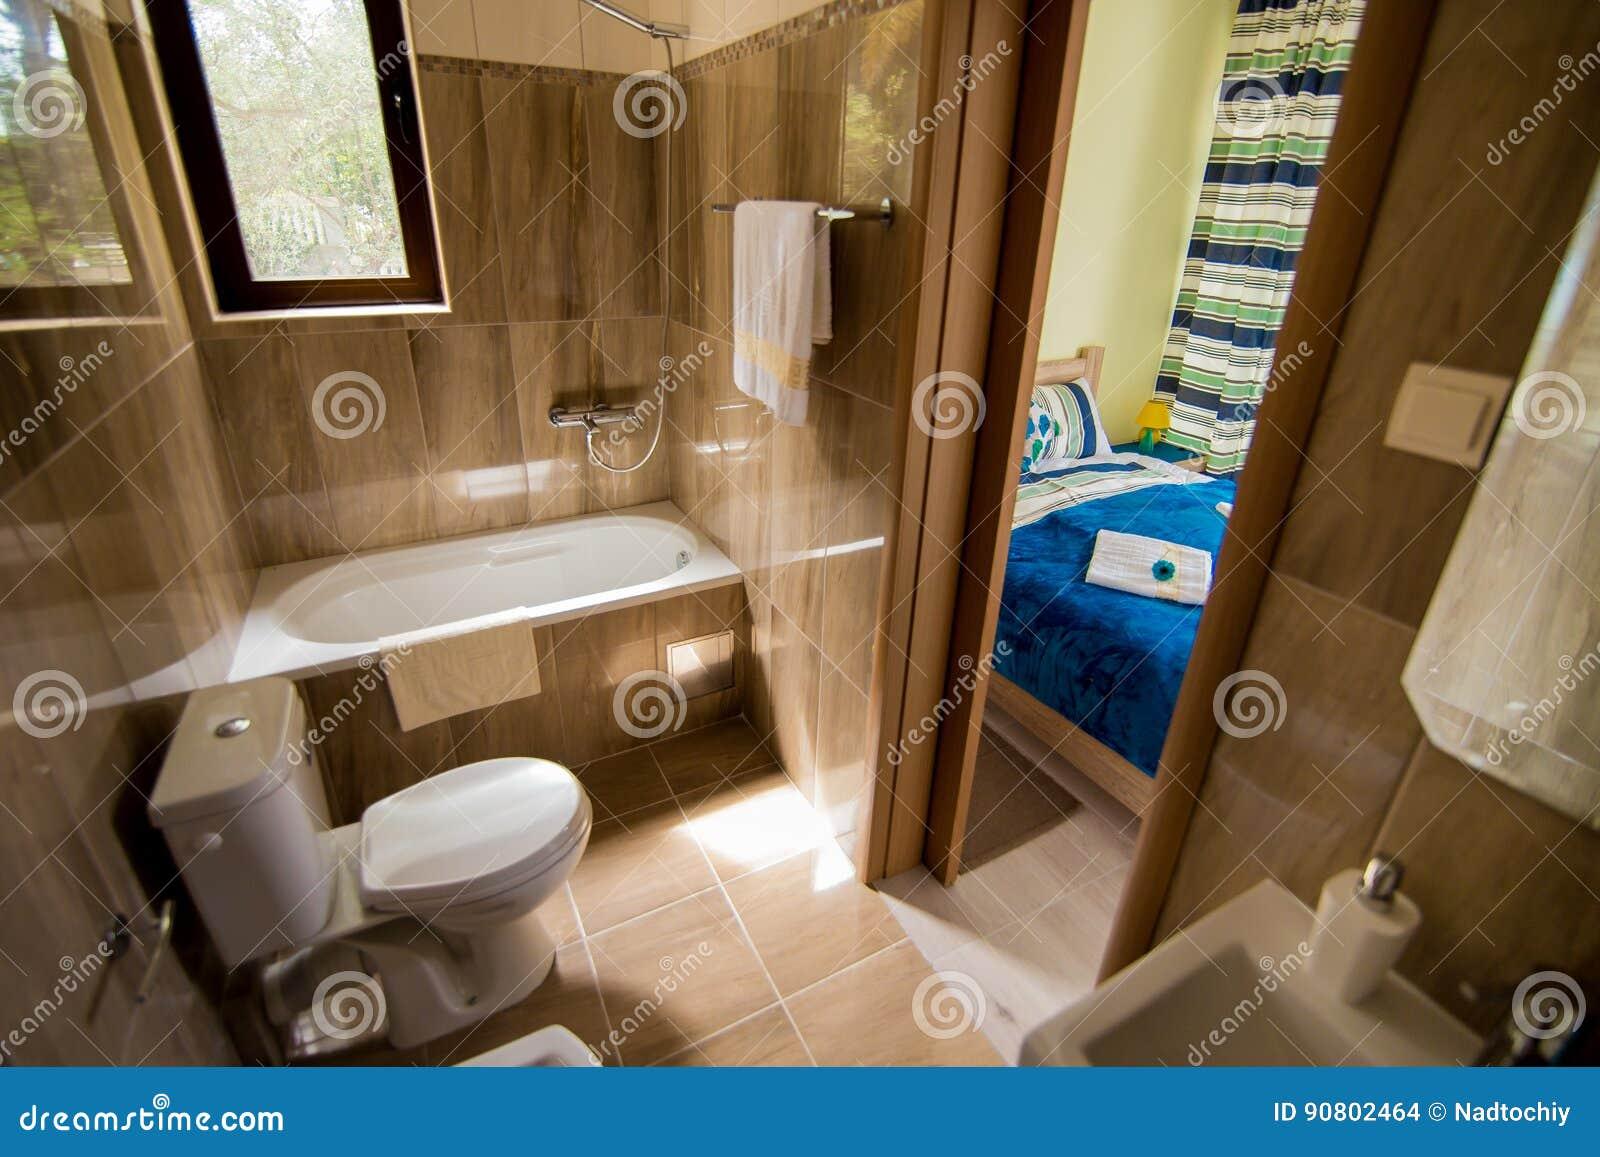 Badezimmerinnenraum Waschbecken Bidet Toilette Grosser Spiegel